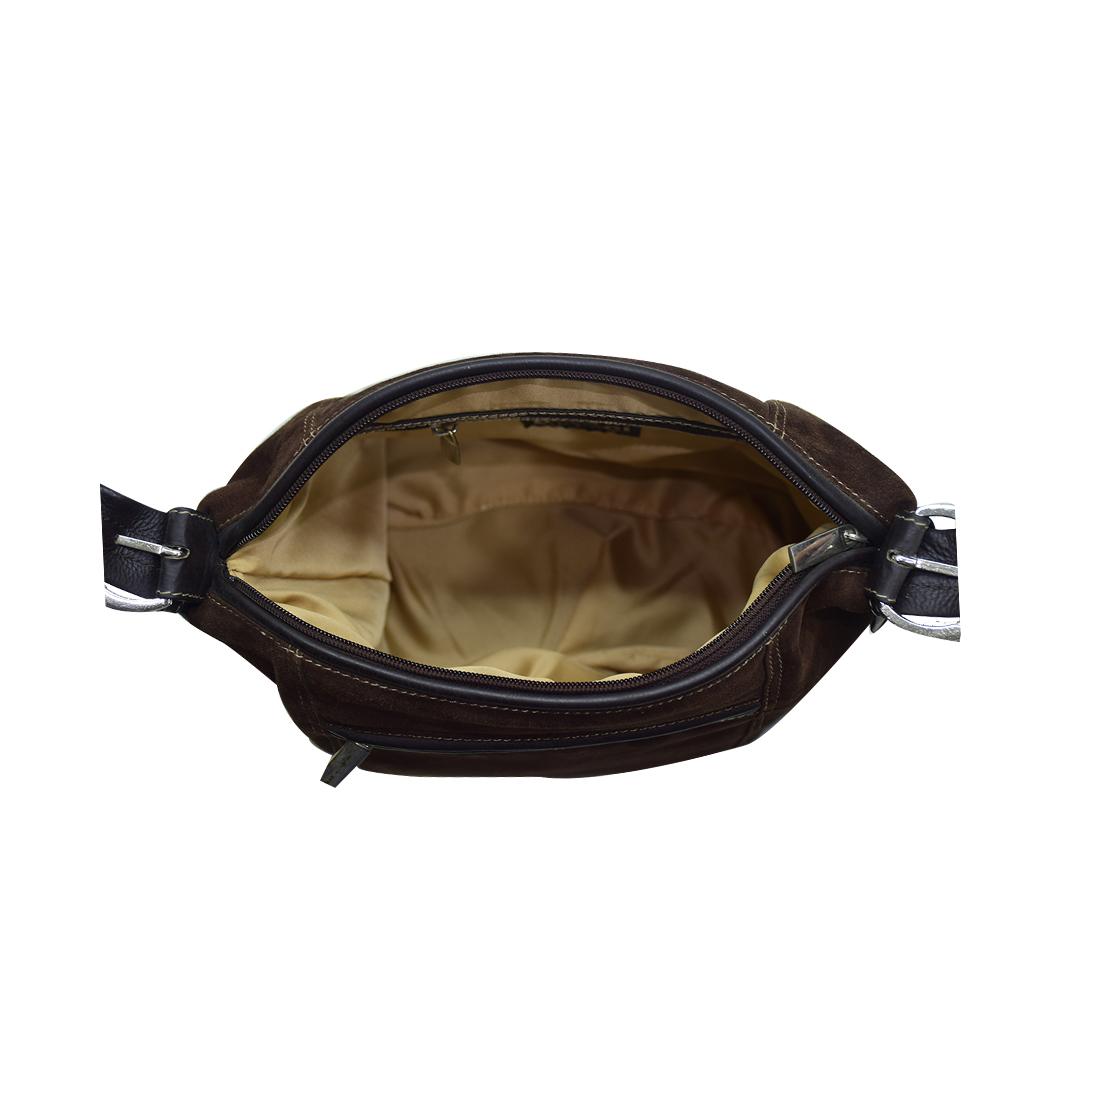 Fashionable Leather Shoulder bag